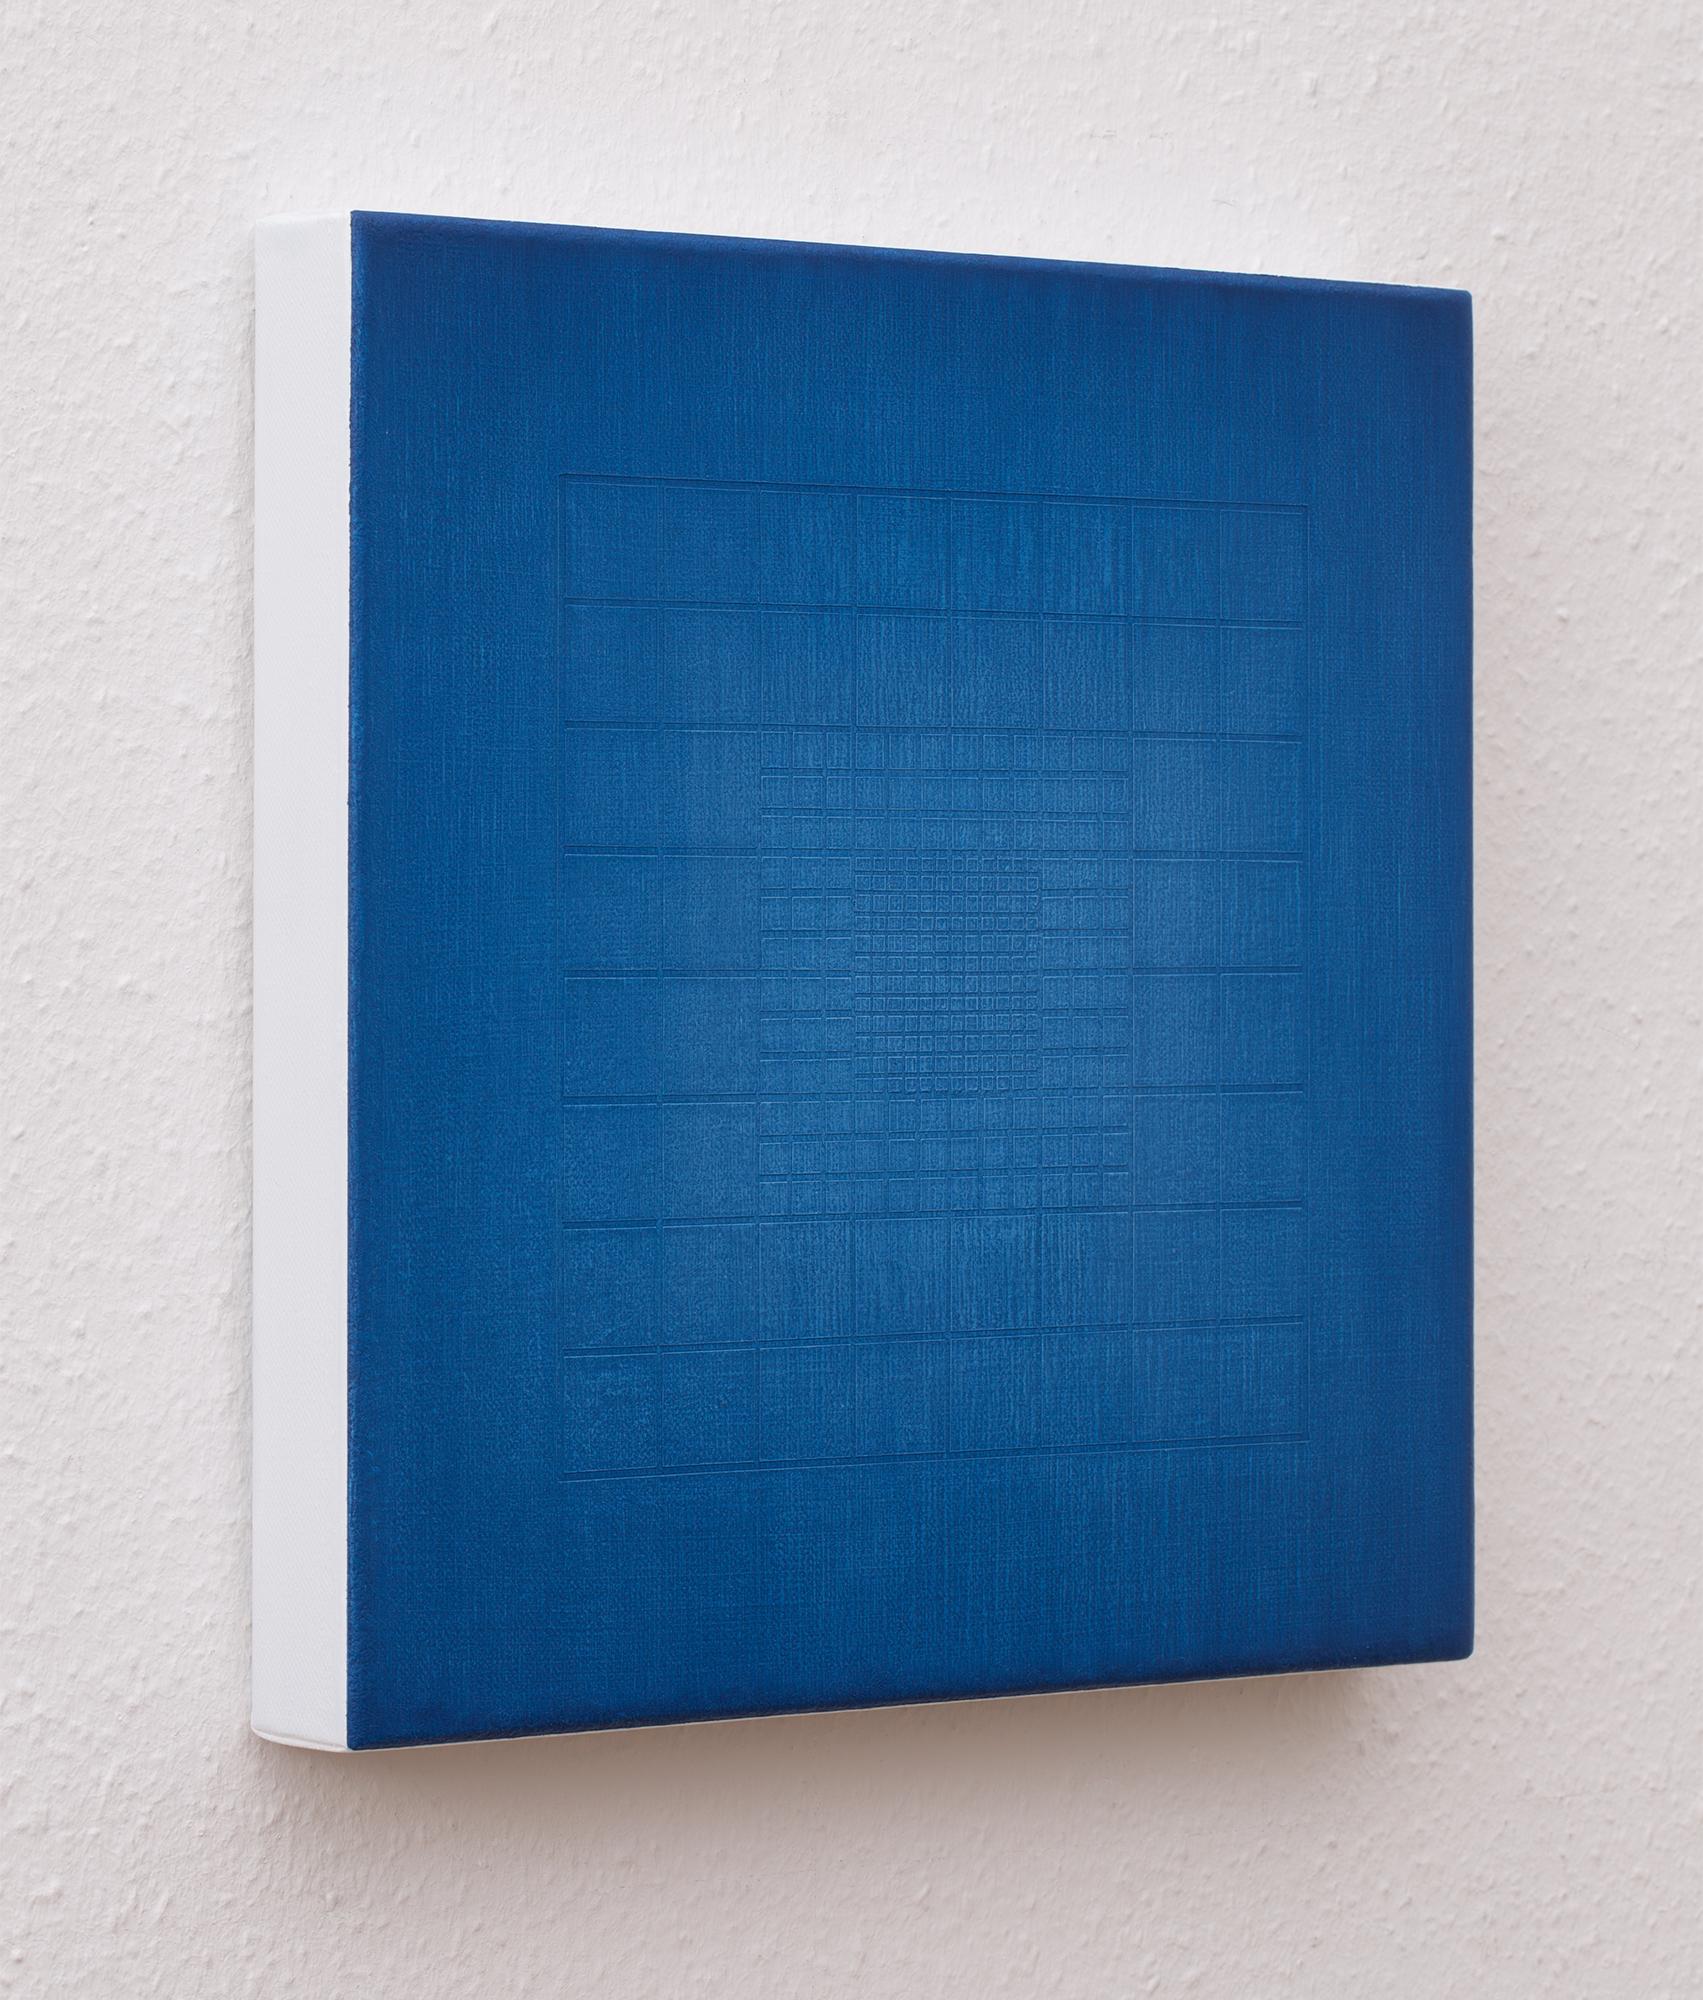 Silent-origo-metrum[20181021]_2018_acrylic-oil-on-canvas_11 13-16 x 11 13-16in.30x30cm] -2_2000.jpg